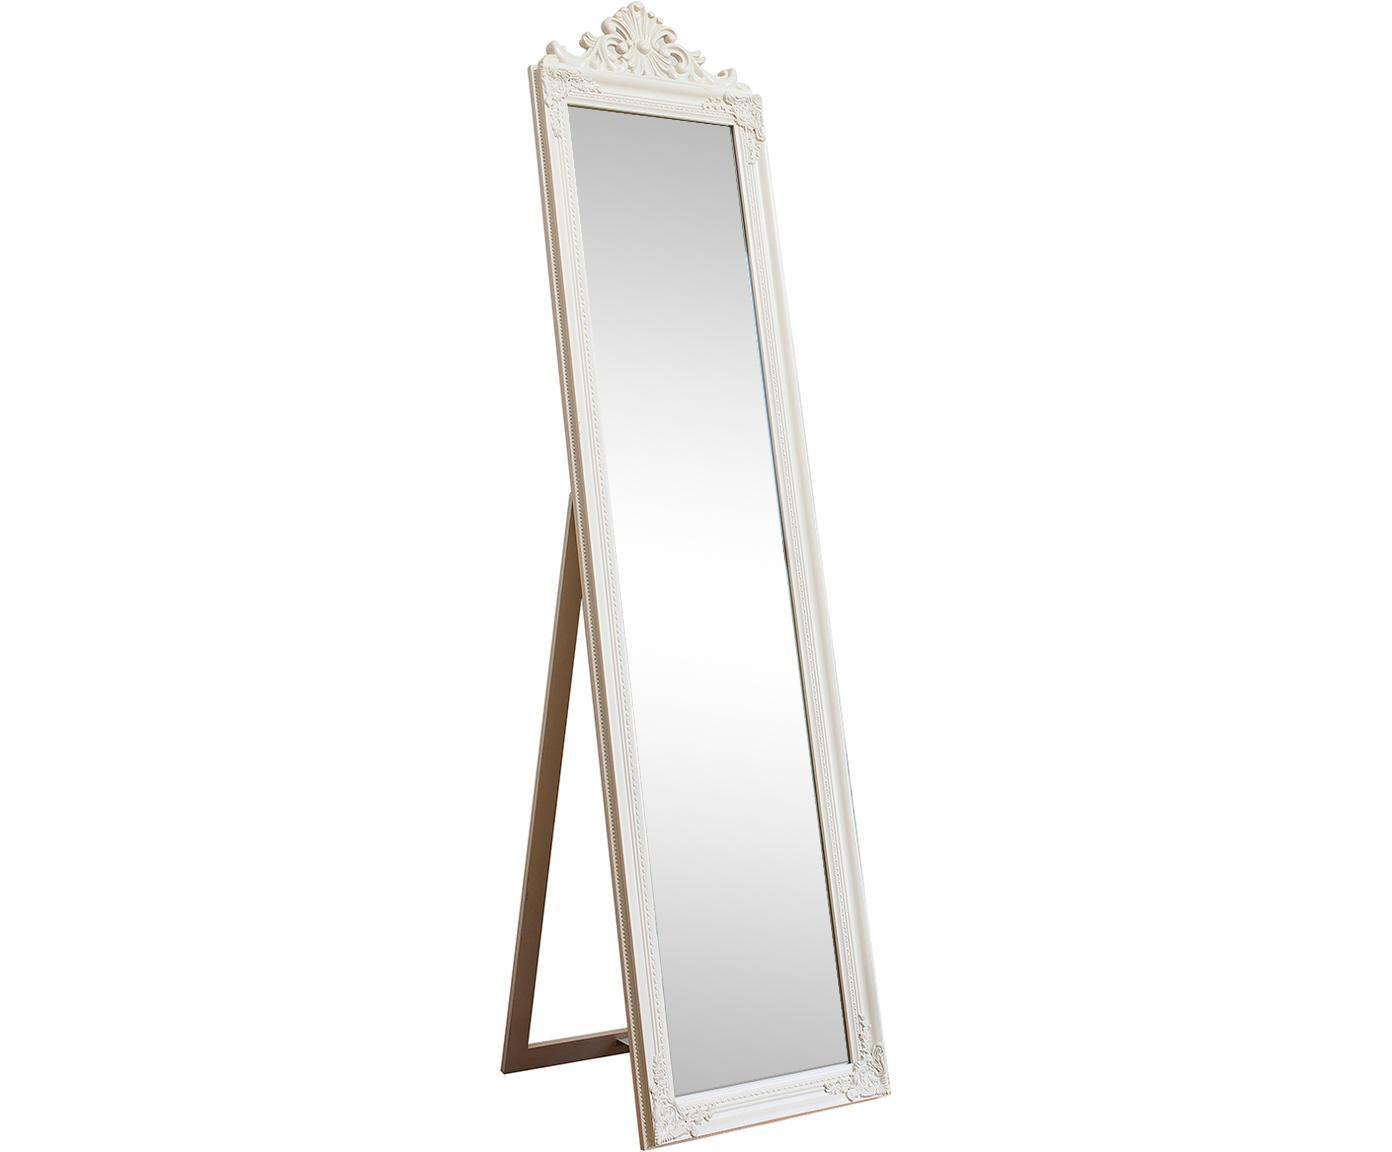 Espejo de pie Lambeth, con marco de madera, Espejo: cristal, Blanco, An 46 x Al 179 cm